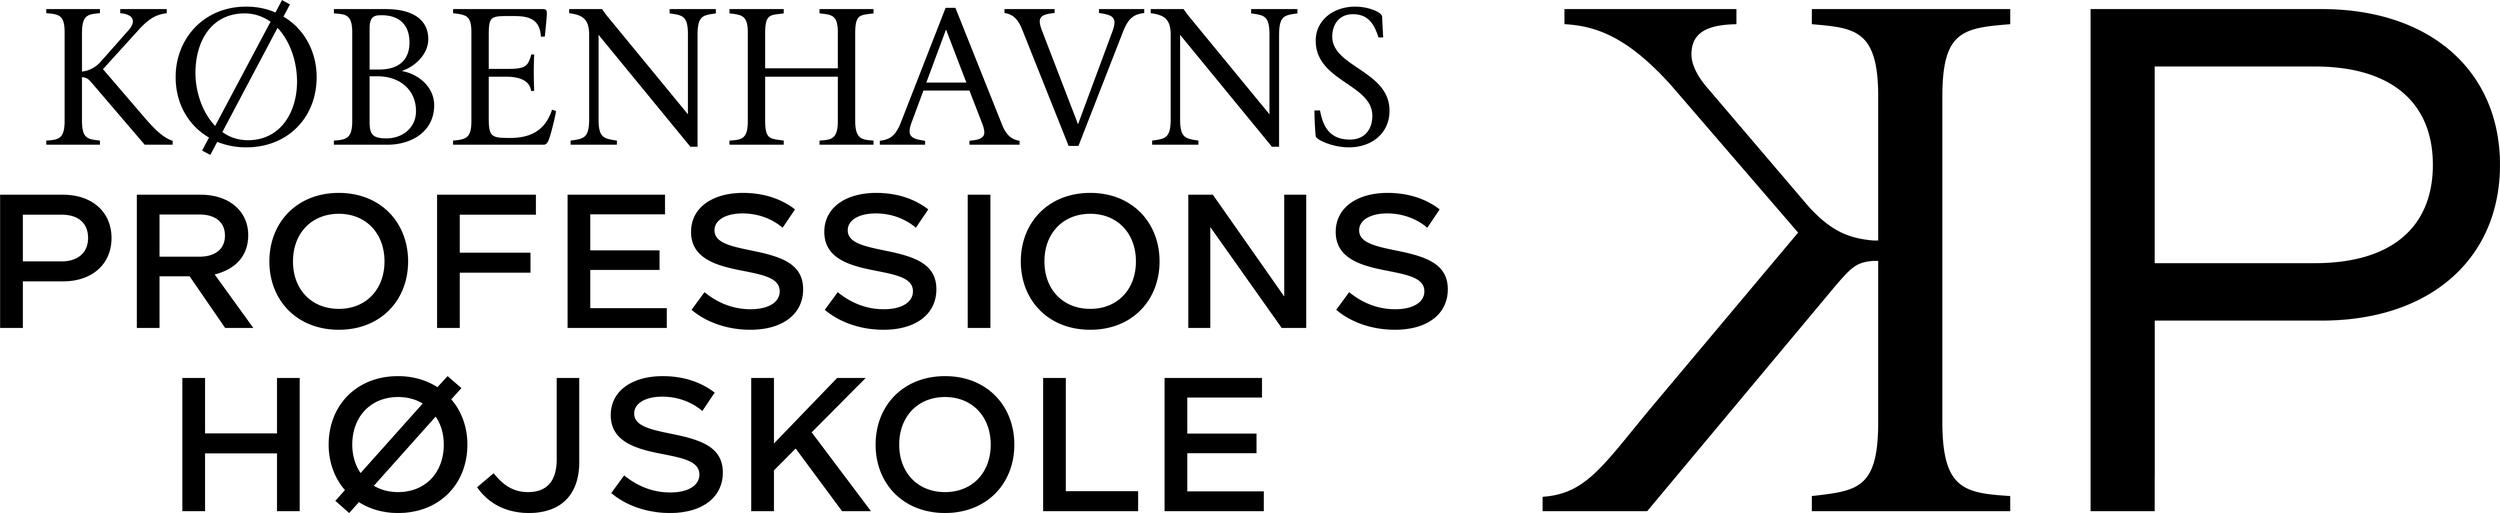 Logo for Københavnsprofessionshøjskole